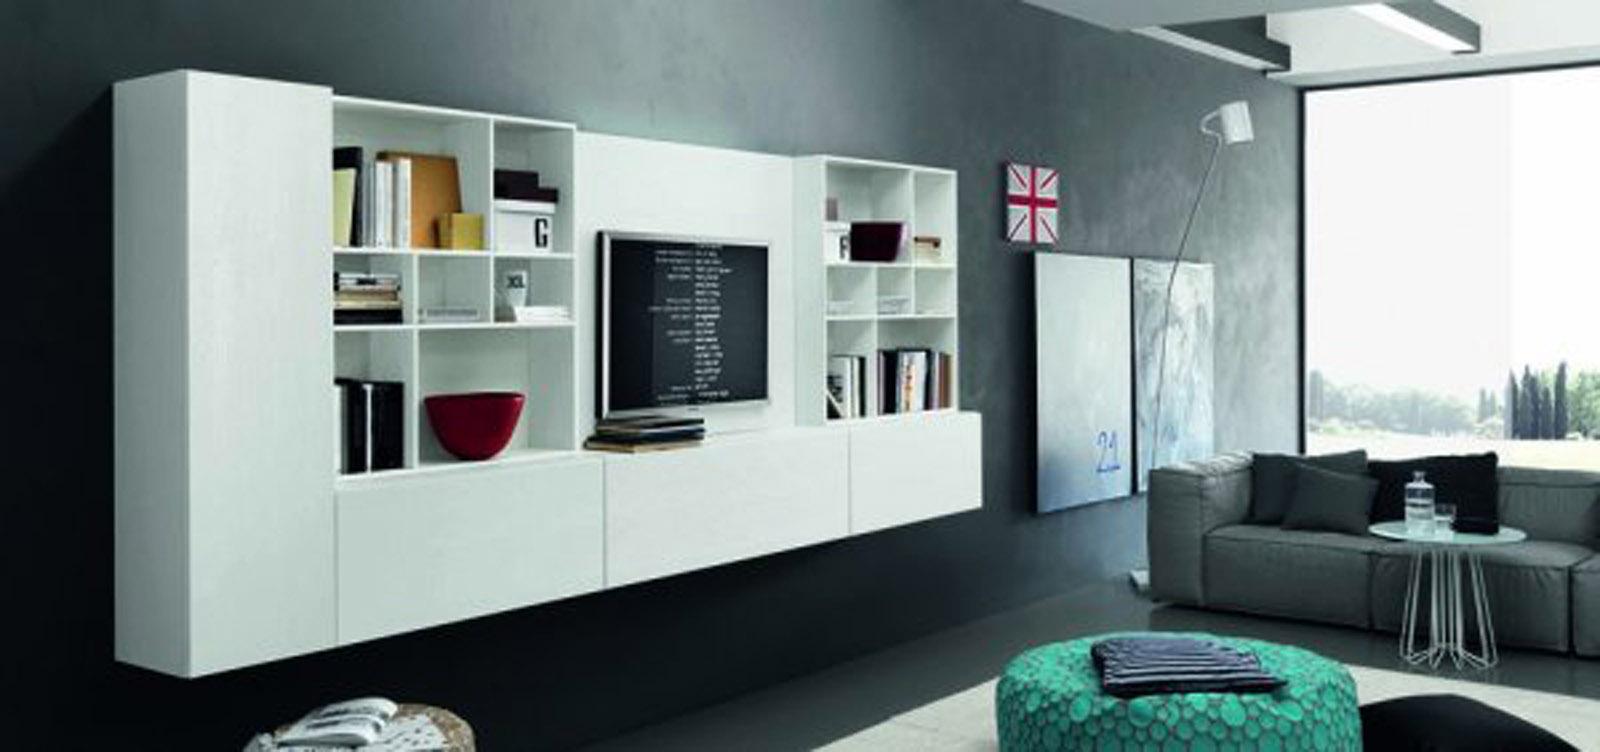 Arredare casa con poco spazio consigli e idee per non rinunciare a comfort e design - Idee per arredare casa con poco ...